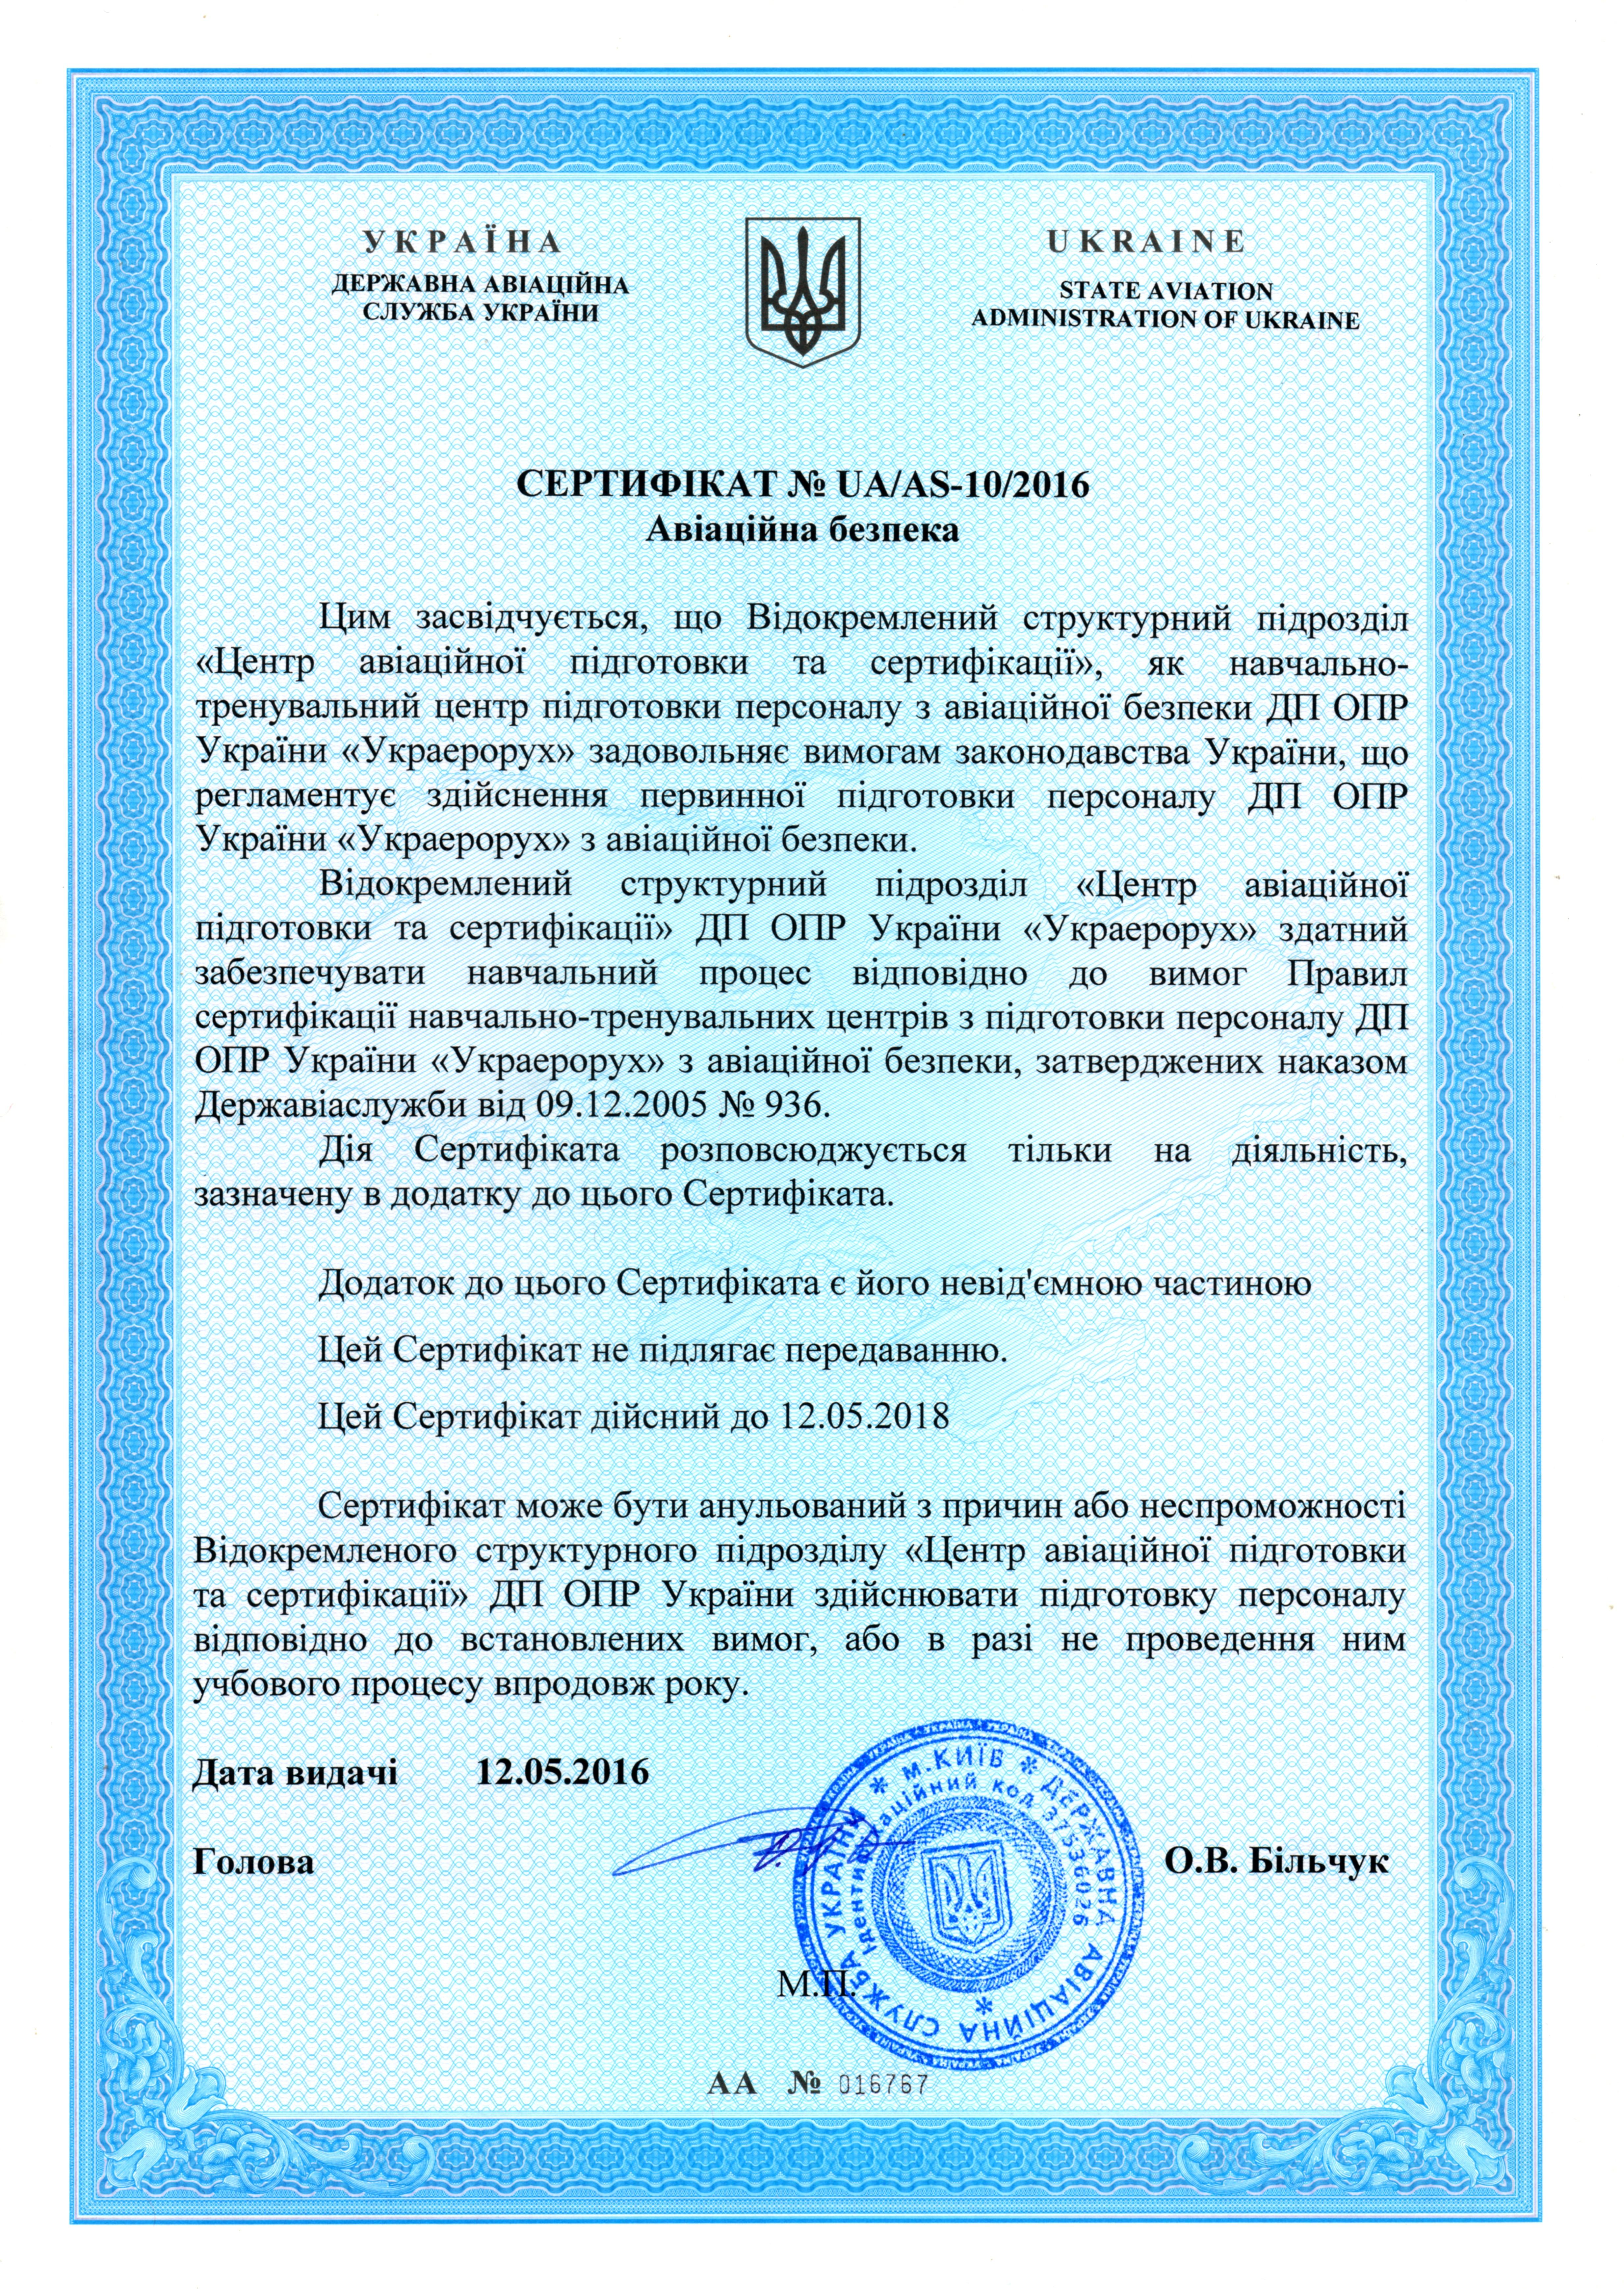 Сертификация гостиниц в украине 2014 с 245 гост27772-88 сертификат качества